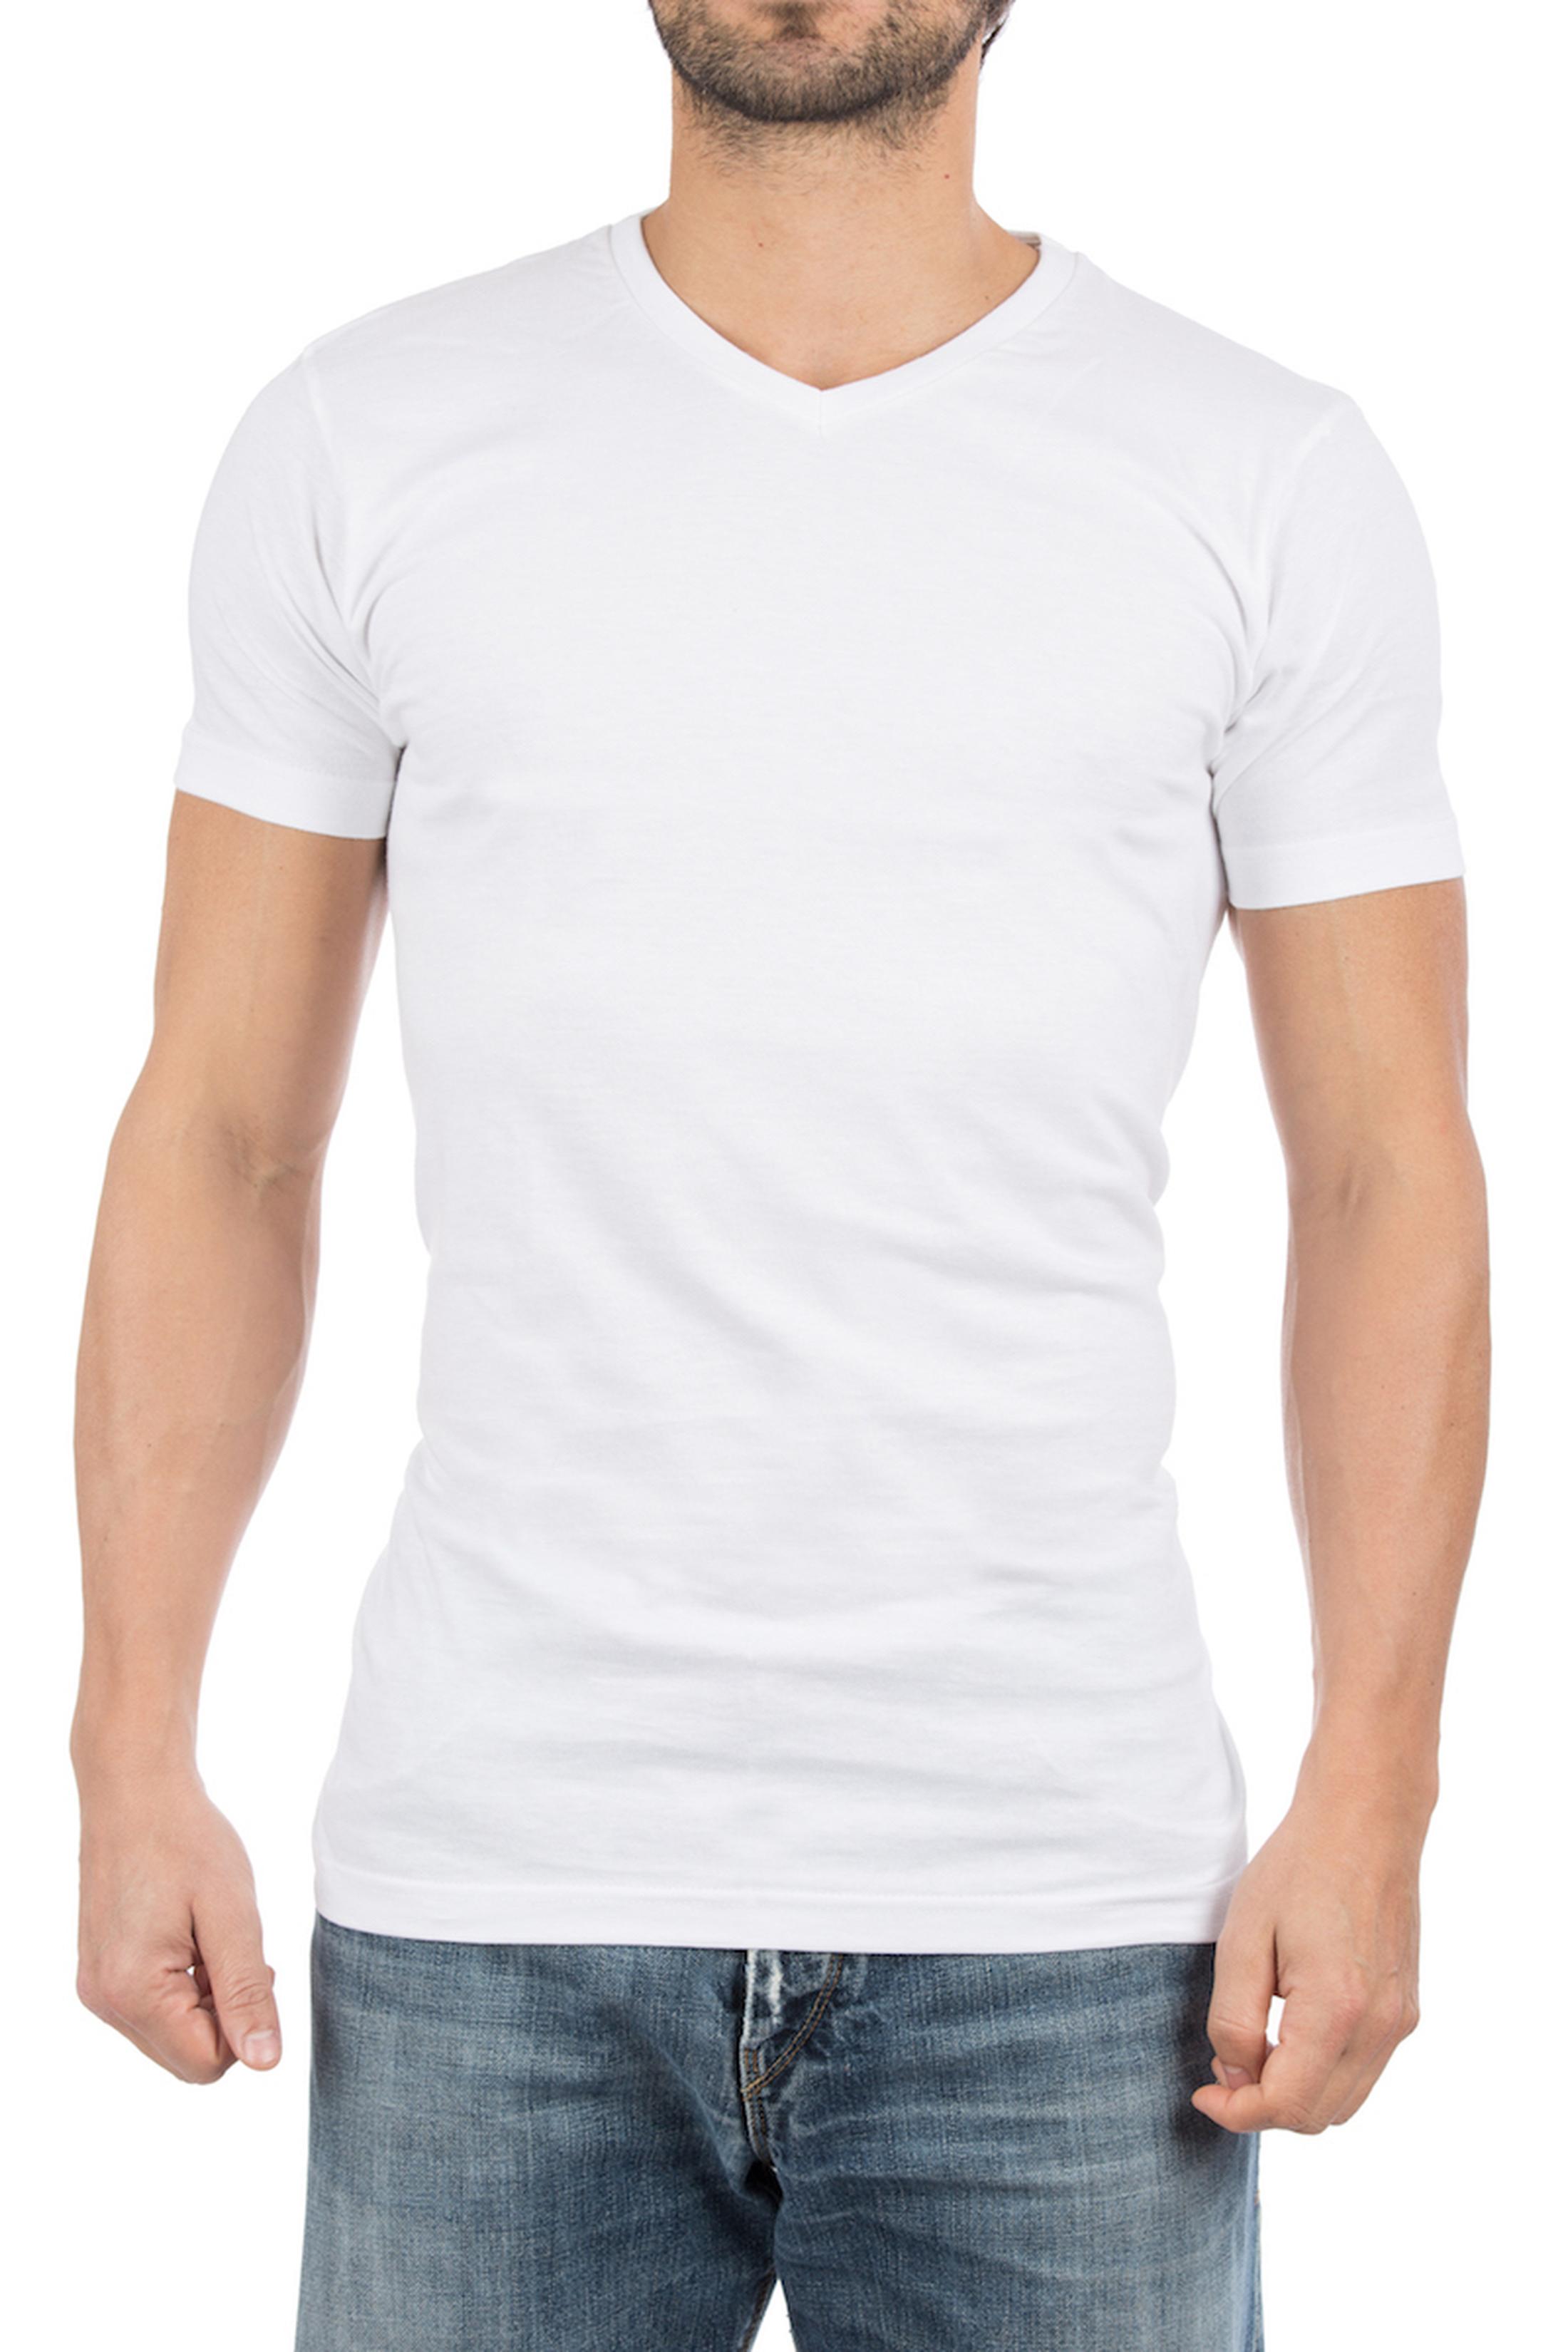 Alan Red West-Virginia T-shirt V-Hals Wit (2Pack)